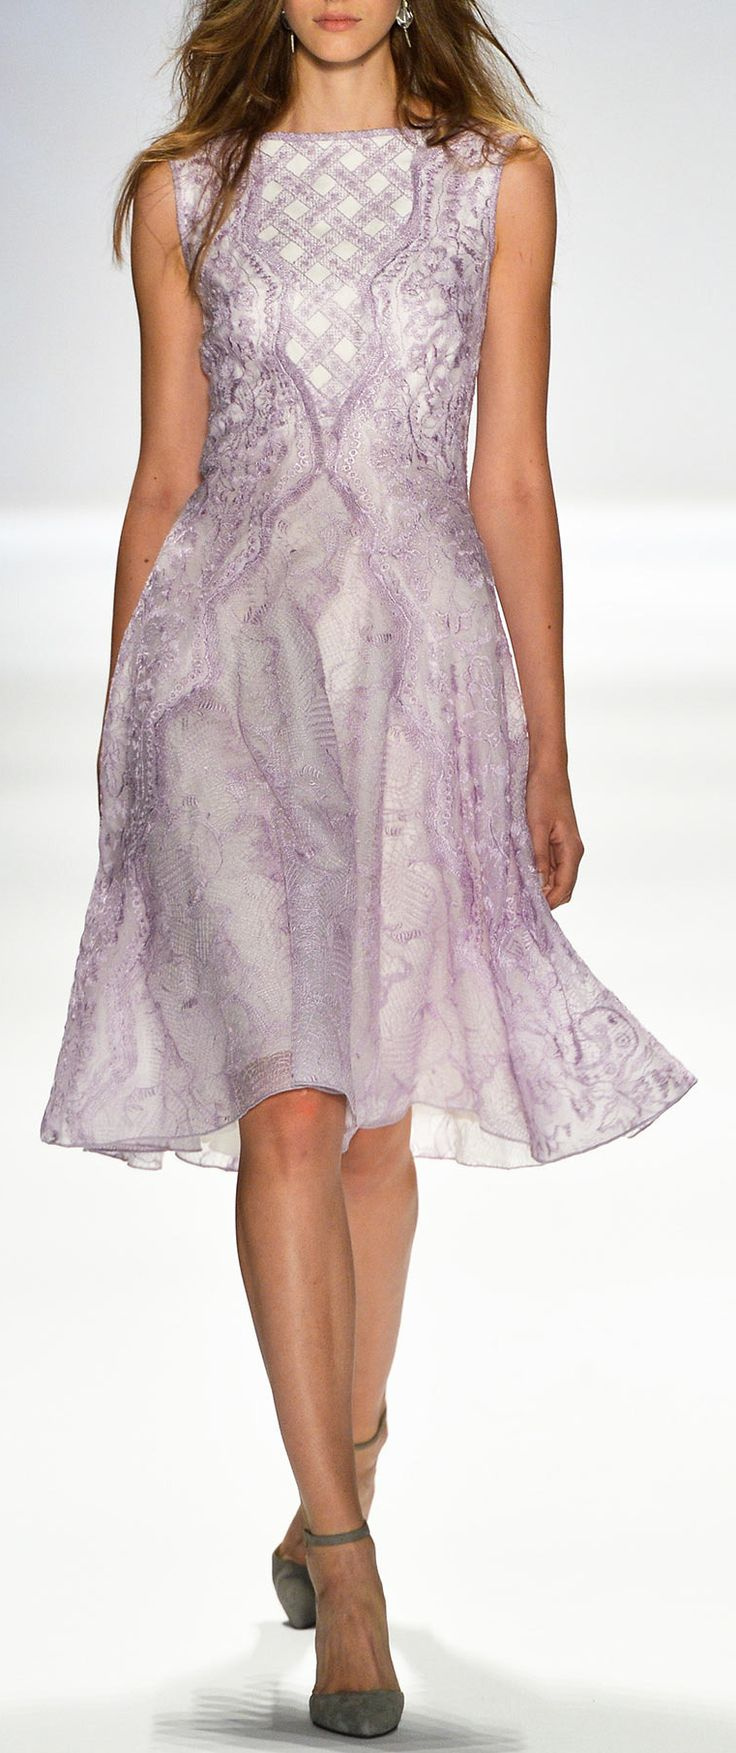 Tadashi Shoji Spring 2014 Fashion Pinterest